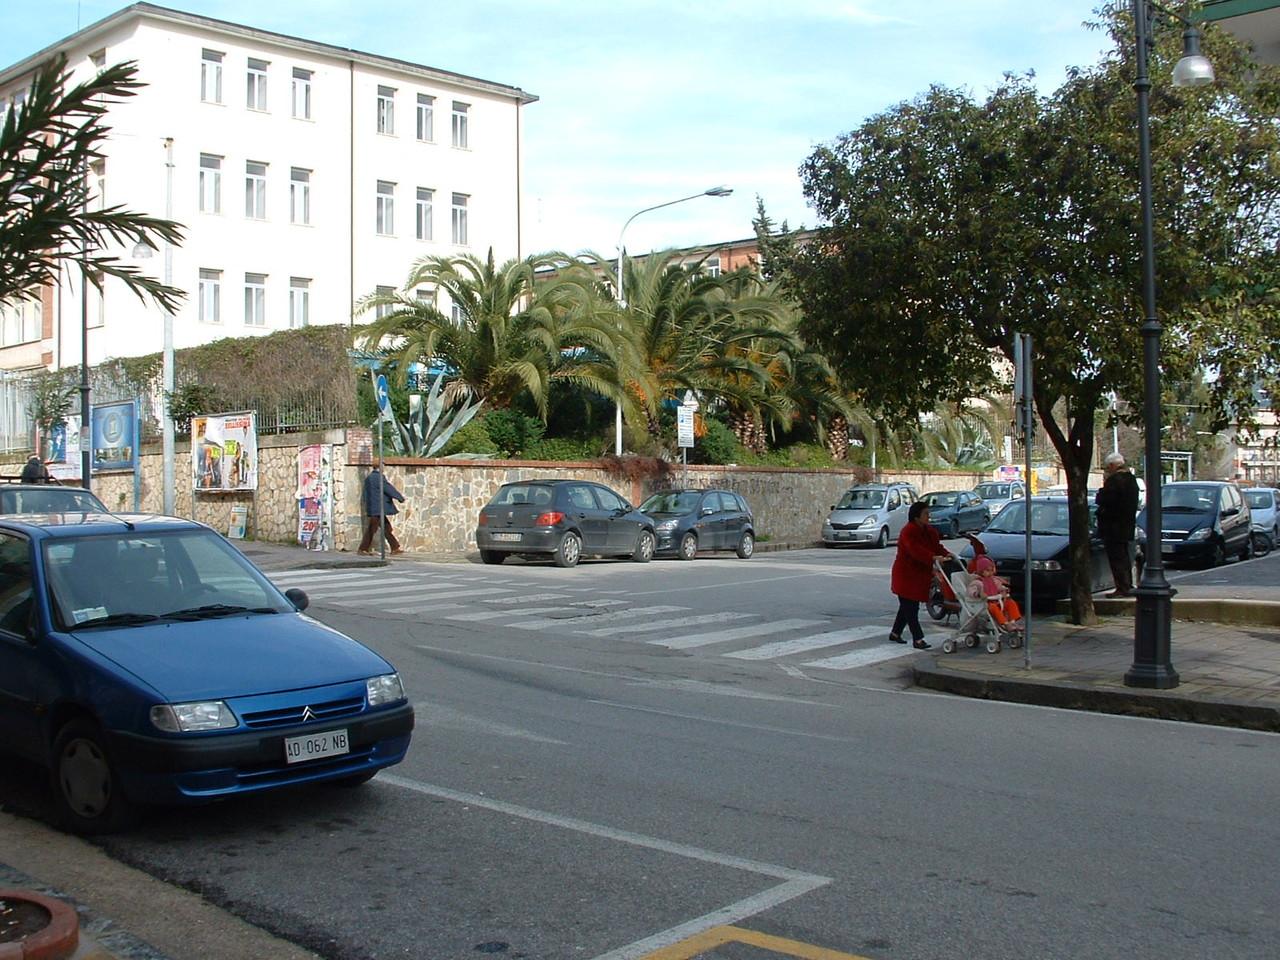 Agropoli: Costruzione di una palazzina polifunzionale (prima)